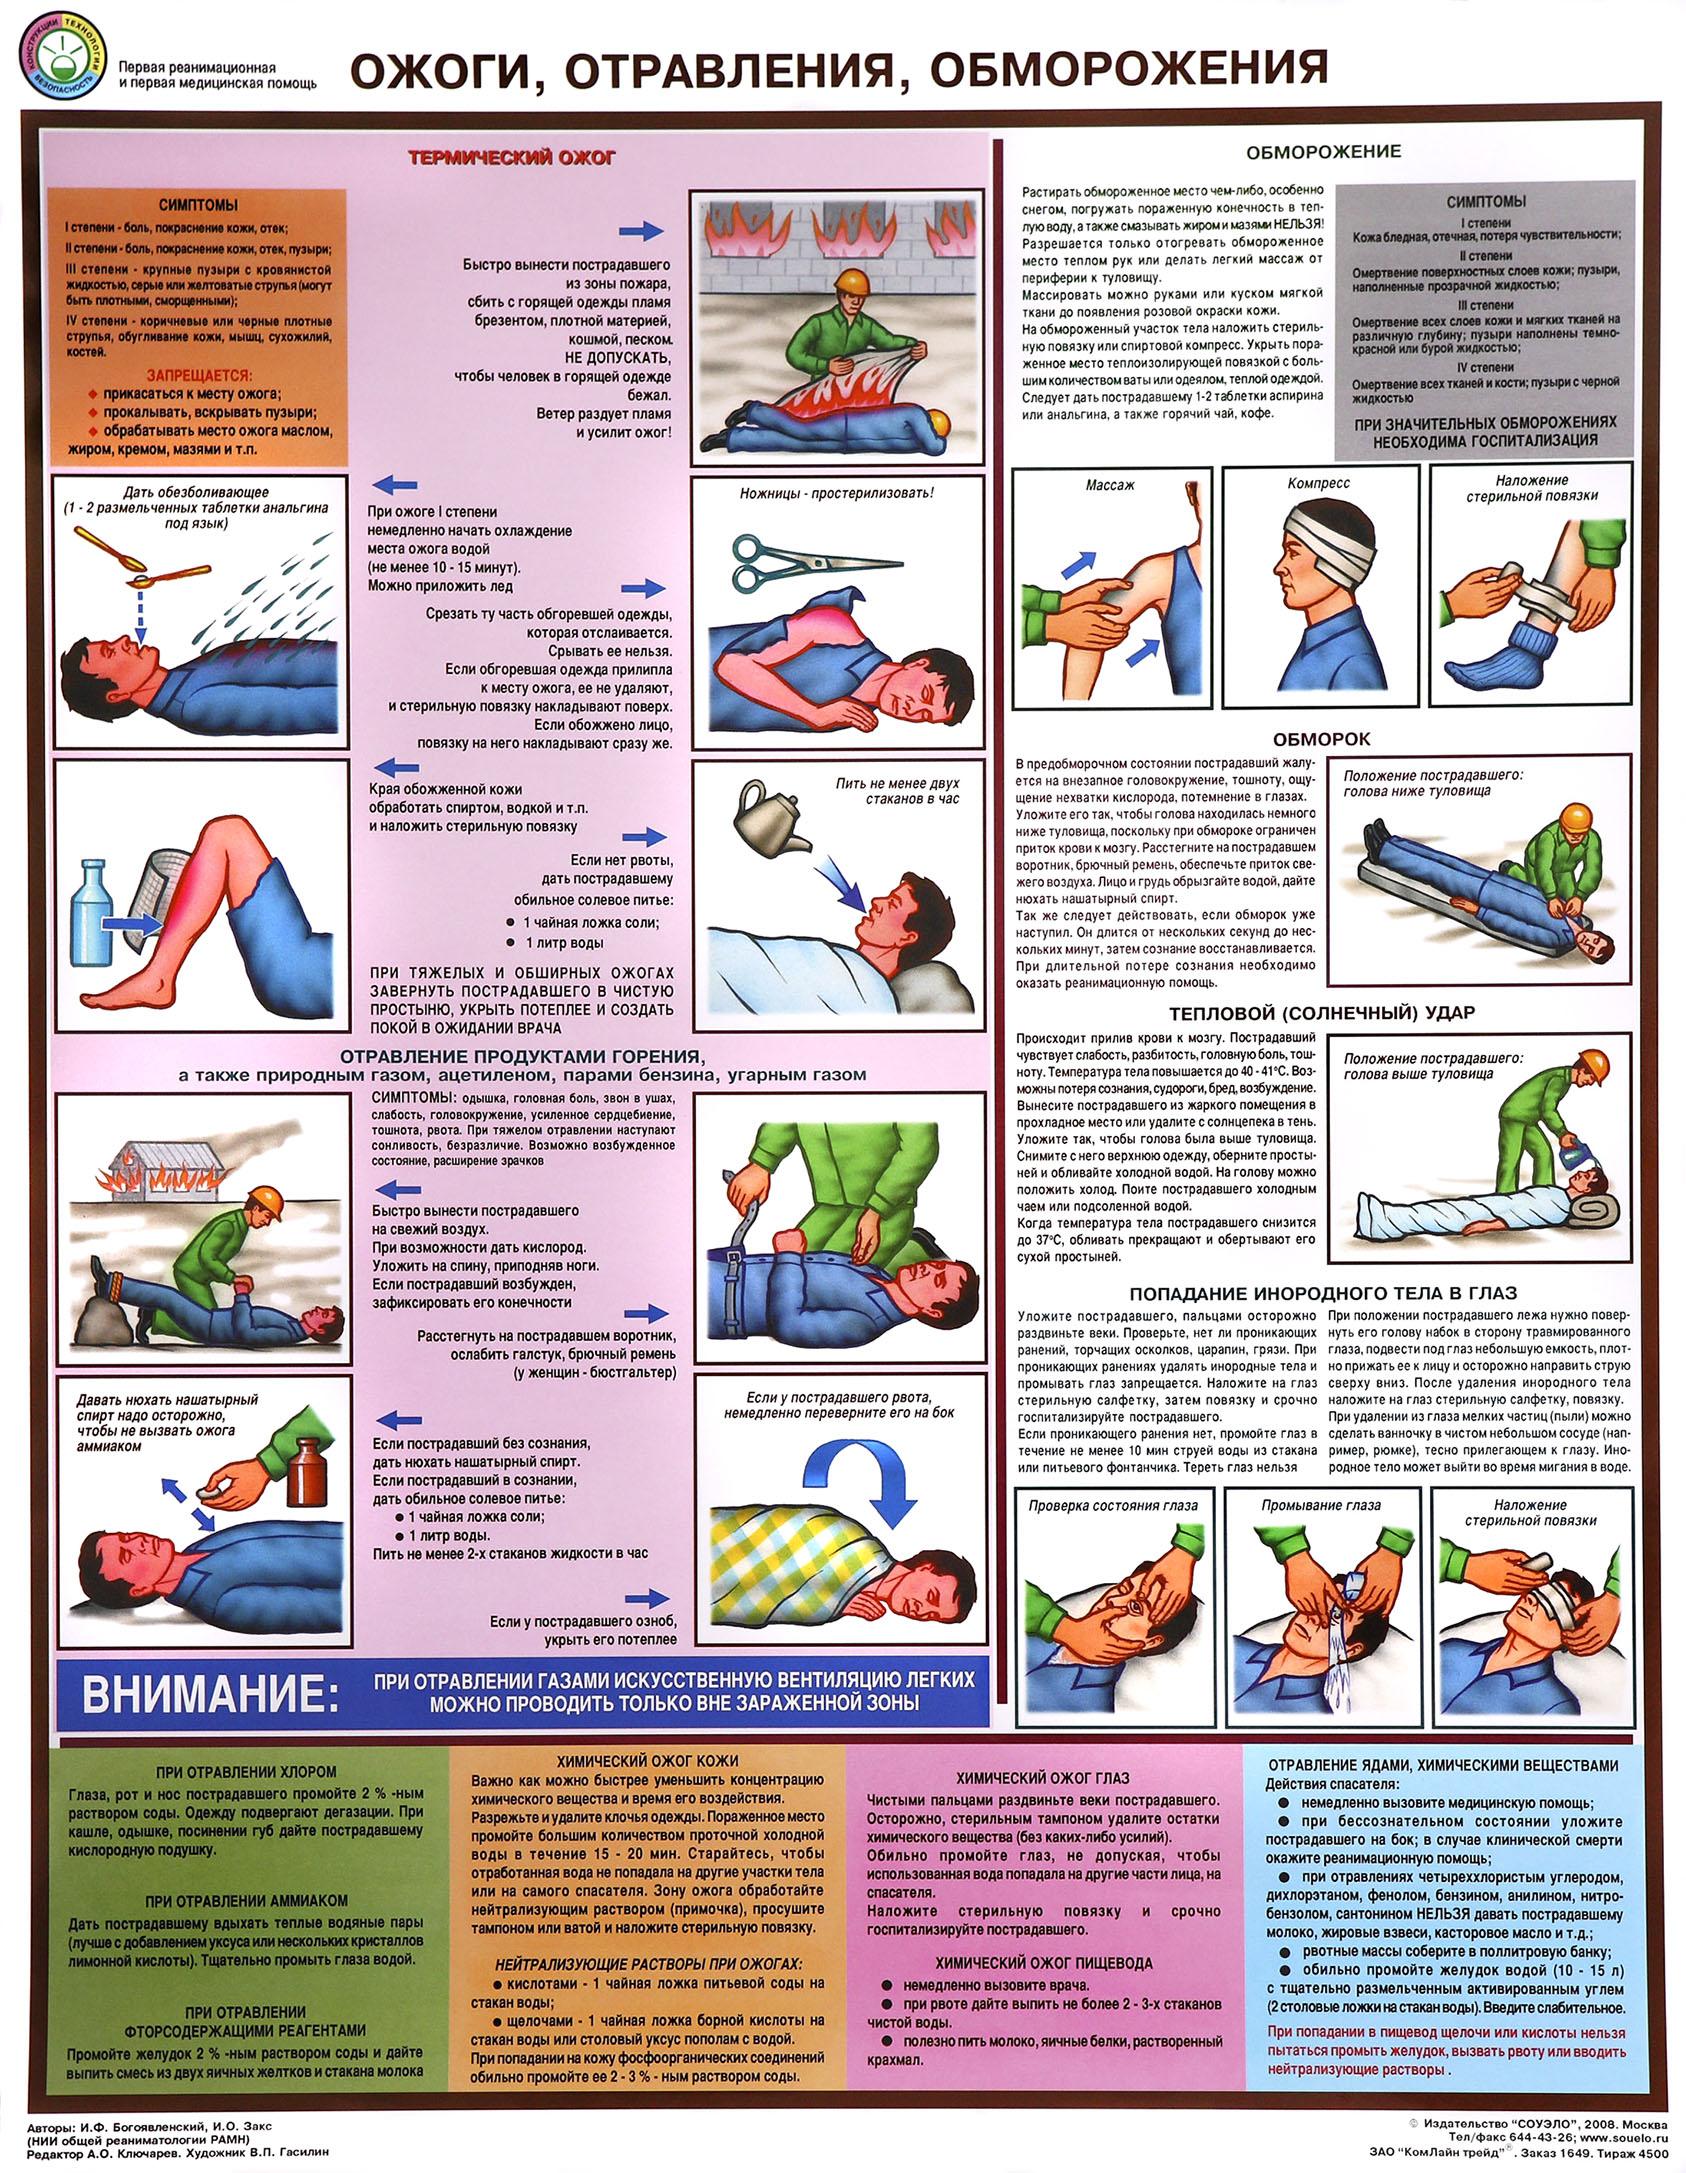 Первая помощь при ранениях: общие правила, виды ран, осложнения